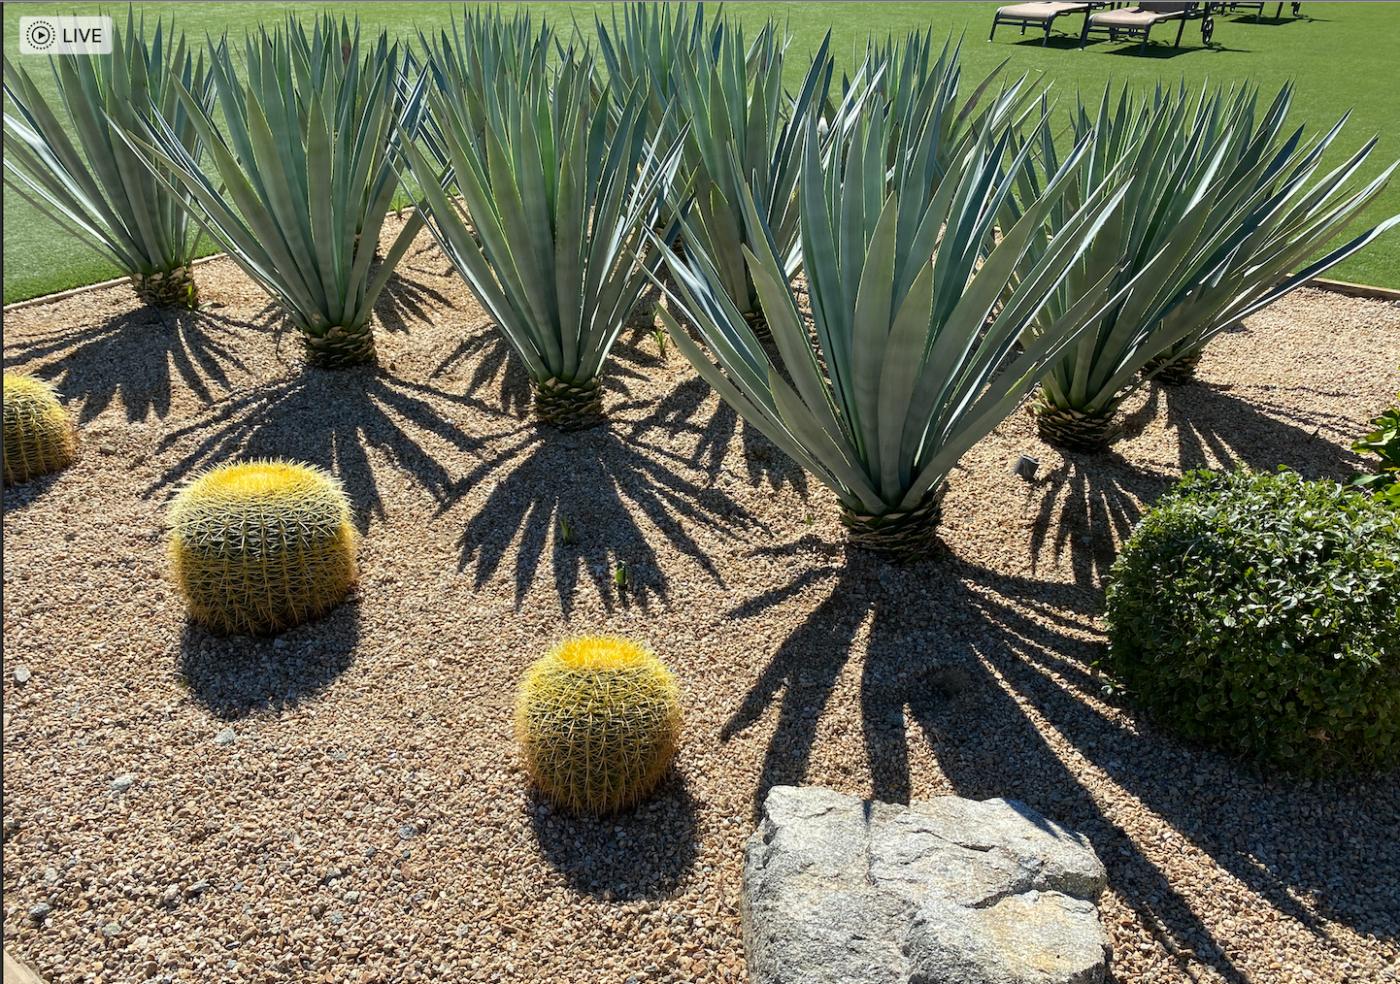 棕榈泉:沙漠中成长起来的美丽城市_图1-12